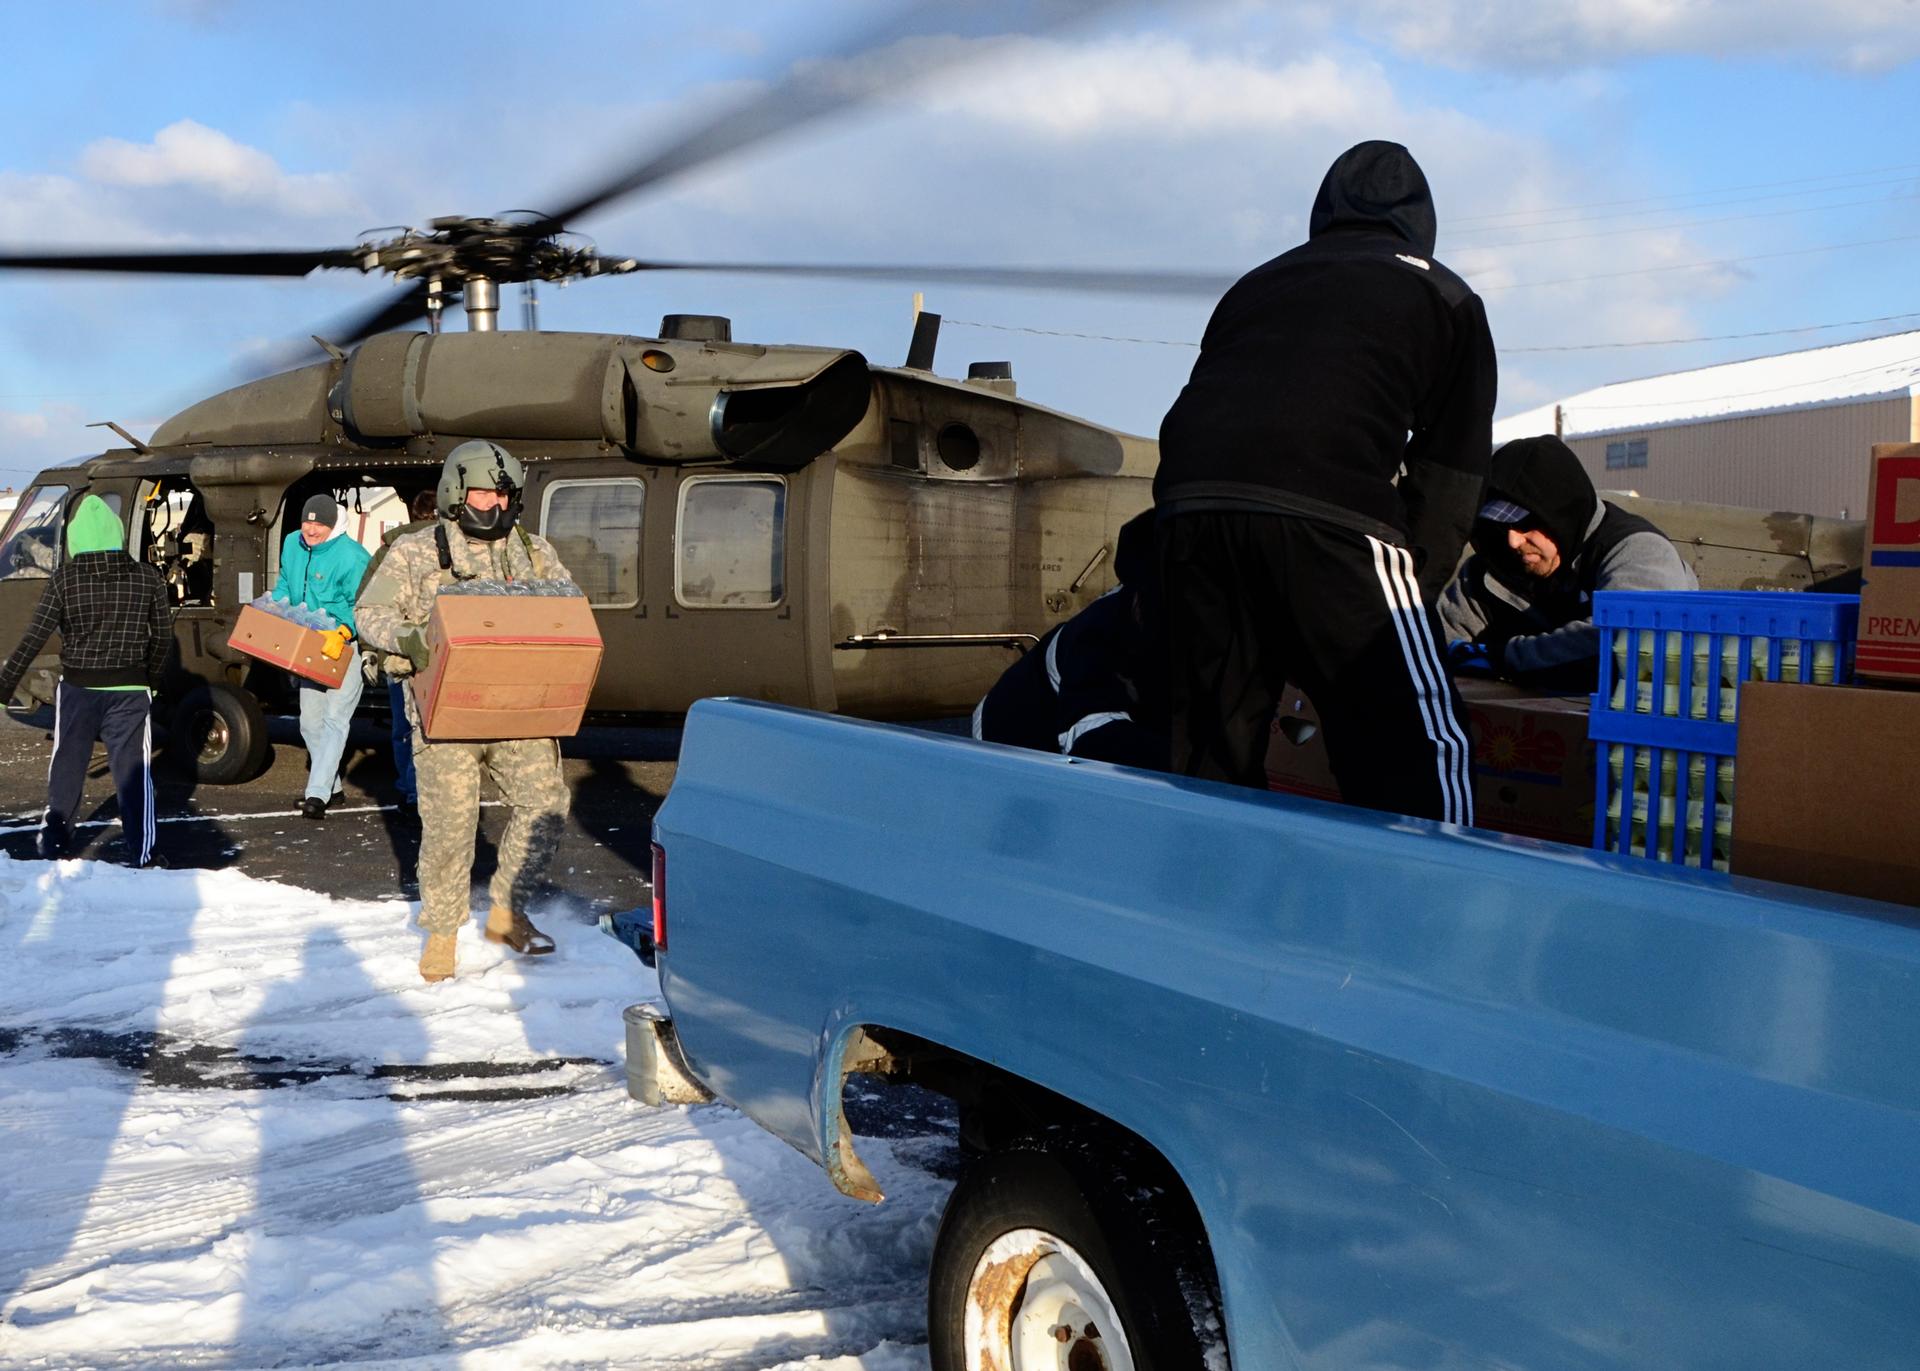 Galeria 1 składa się zdwóch zdjęć. Zdjęcie po lewej. Zimowy słoneczny dzień. Samochód zotwartą naczepą po prawej. Wtle duży wojskowy helikopter. Ratownicy ładują skrzynie zzapasami na naczepę samochodu. Żołnierz oraz kilka osób wynoszą skrzynie zzapasami zhelikoptera. Zapasy są przenoszone zhelikoptera do samochodu.